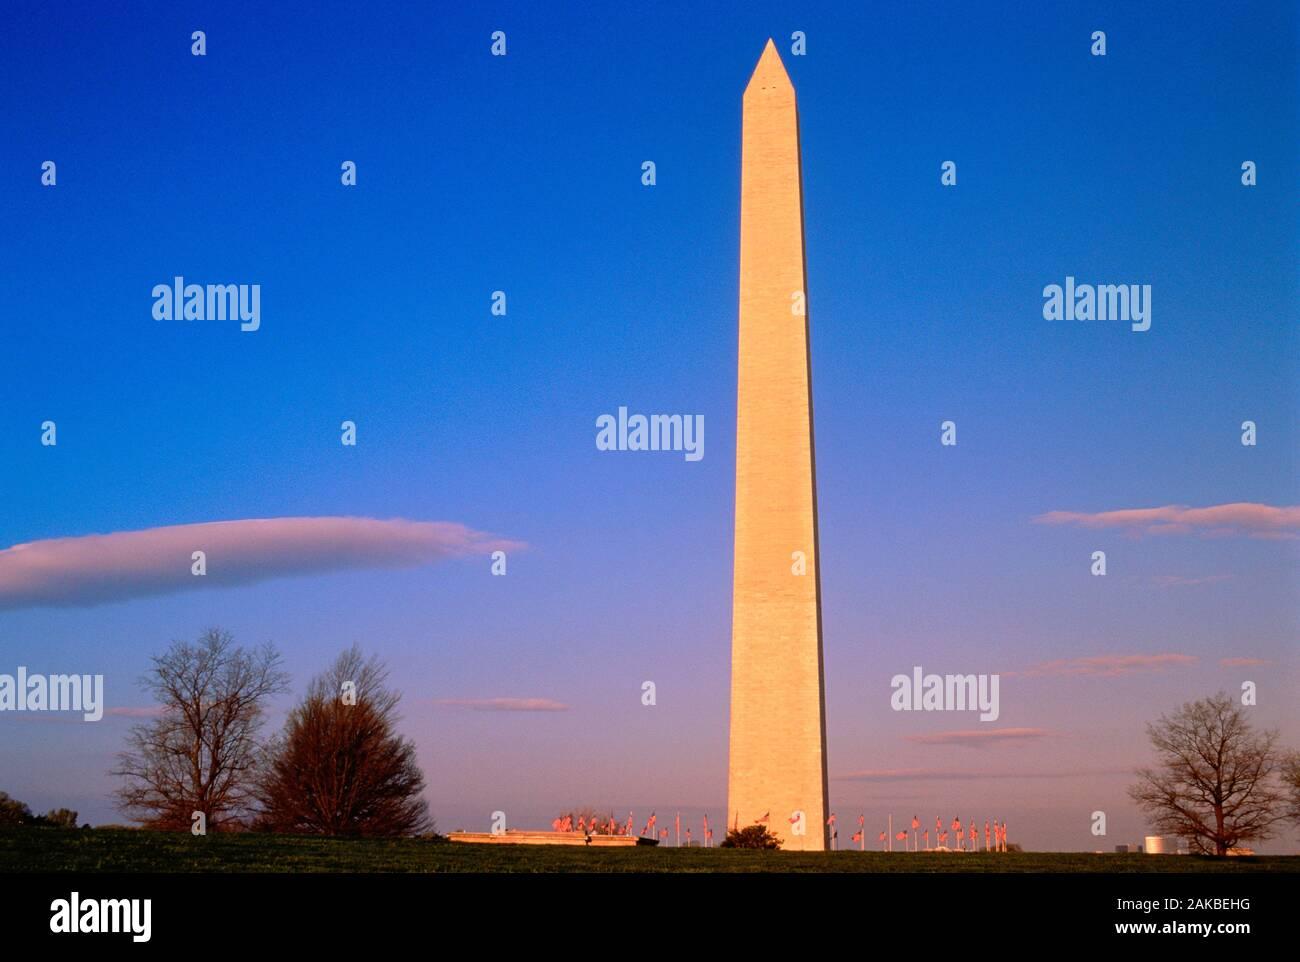 Washington Monument at sunset, Washington DC, USA Stock Photo